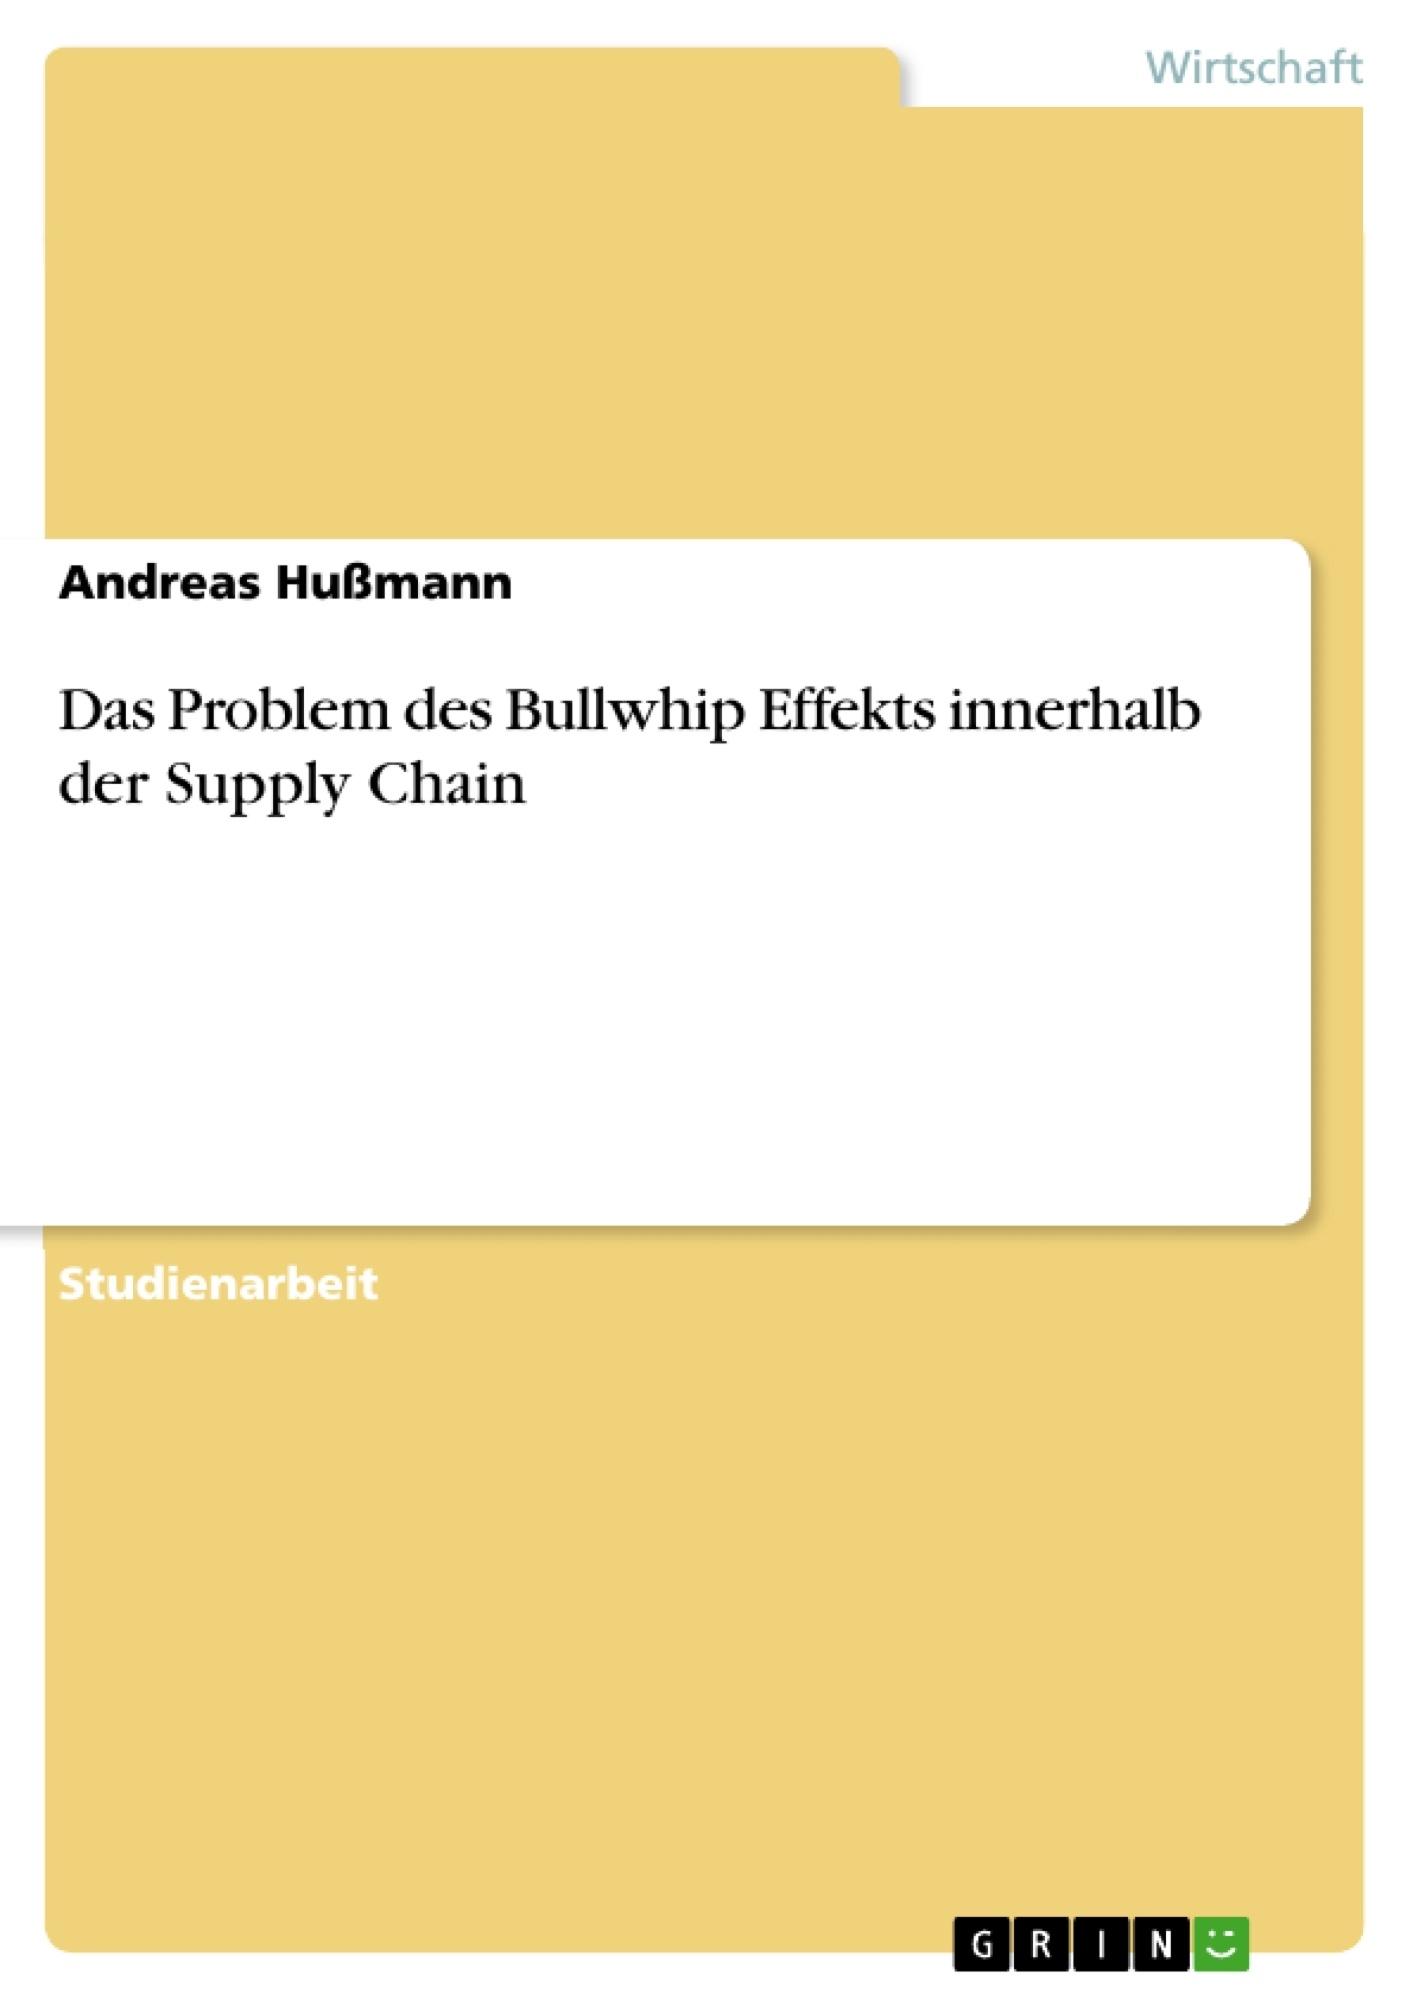 Titel: Das Problem des Bullwhip Effekts innerhalb der Supply Chain